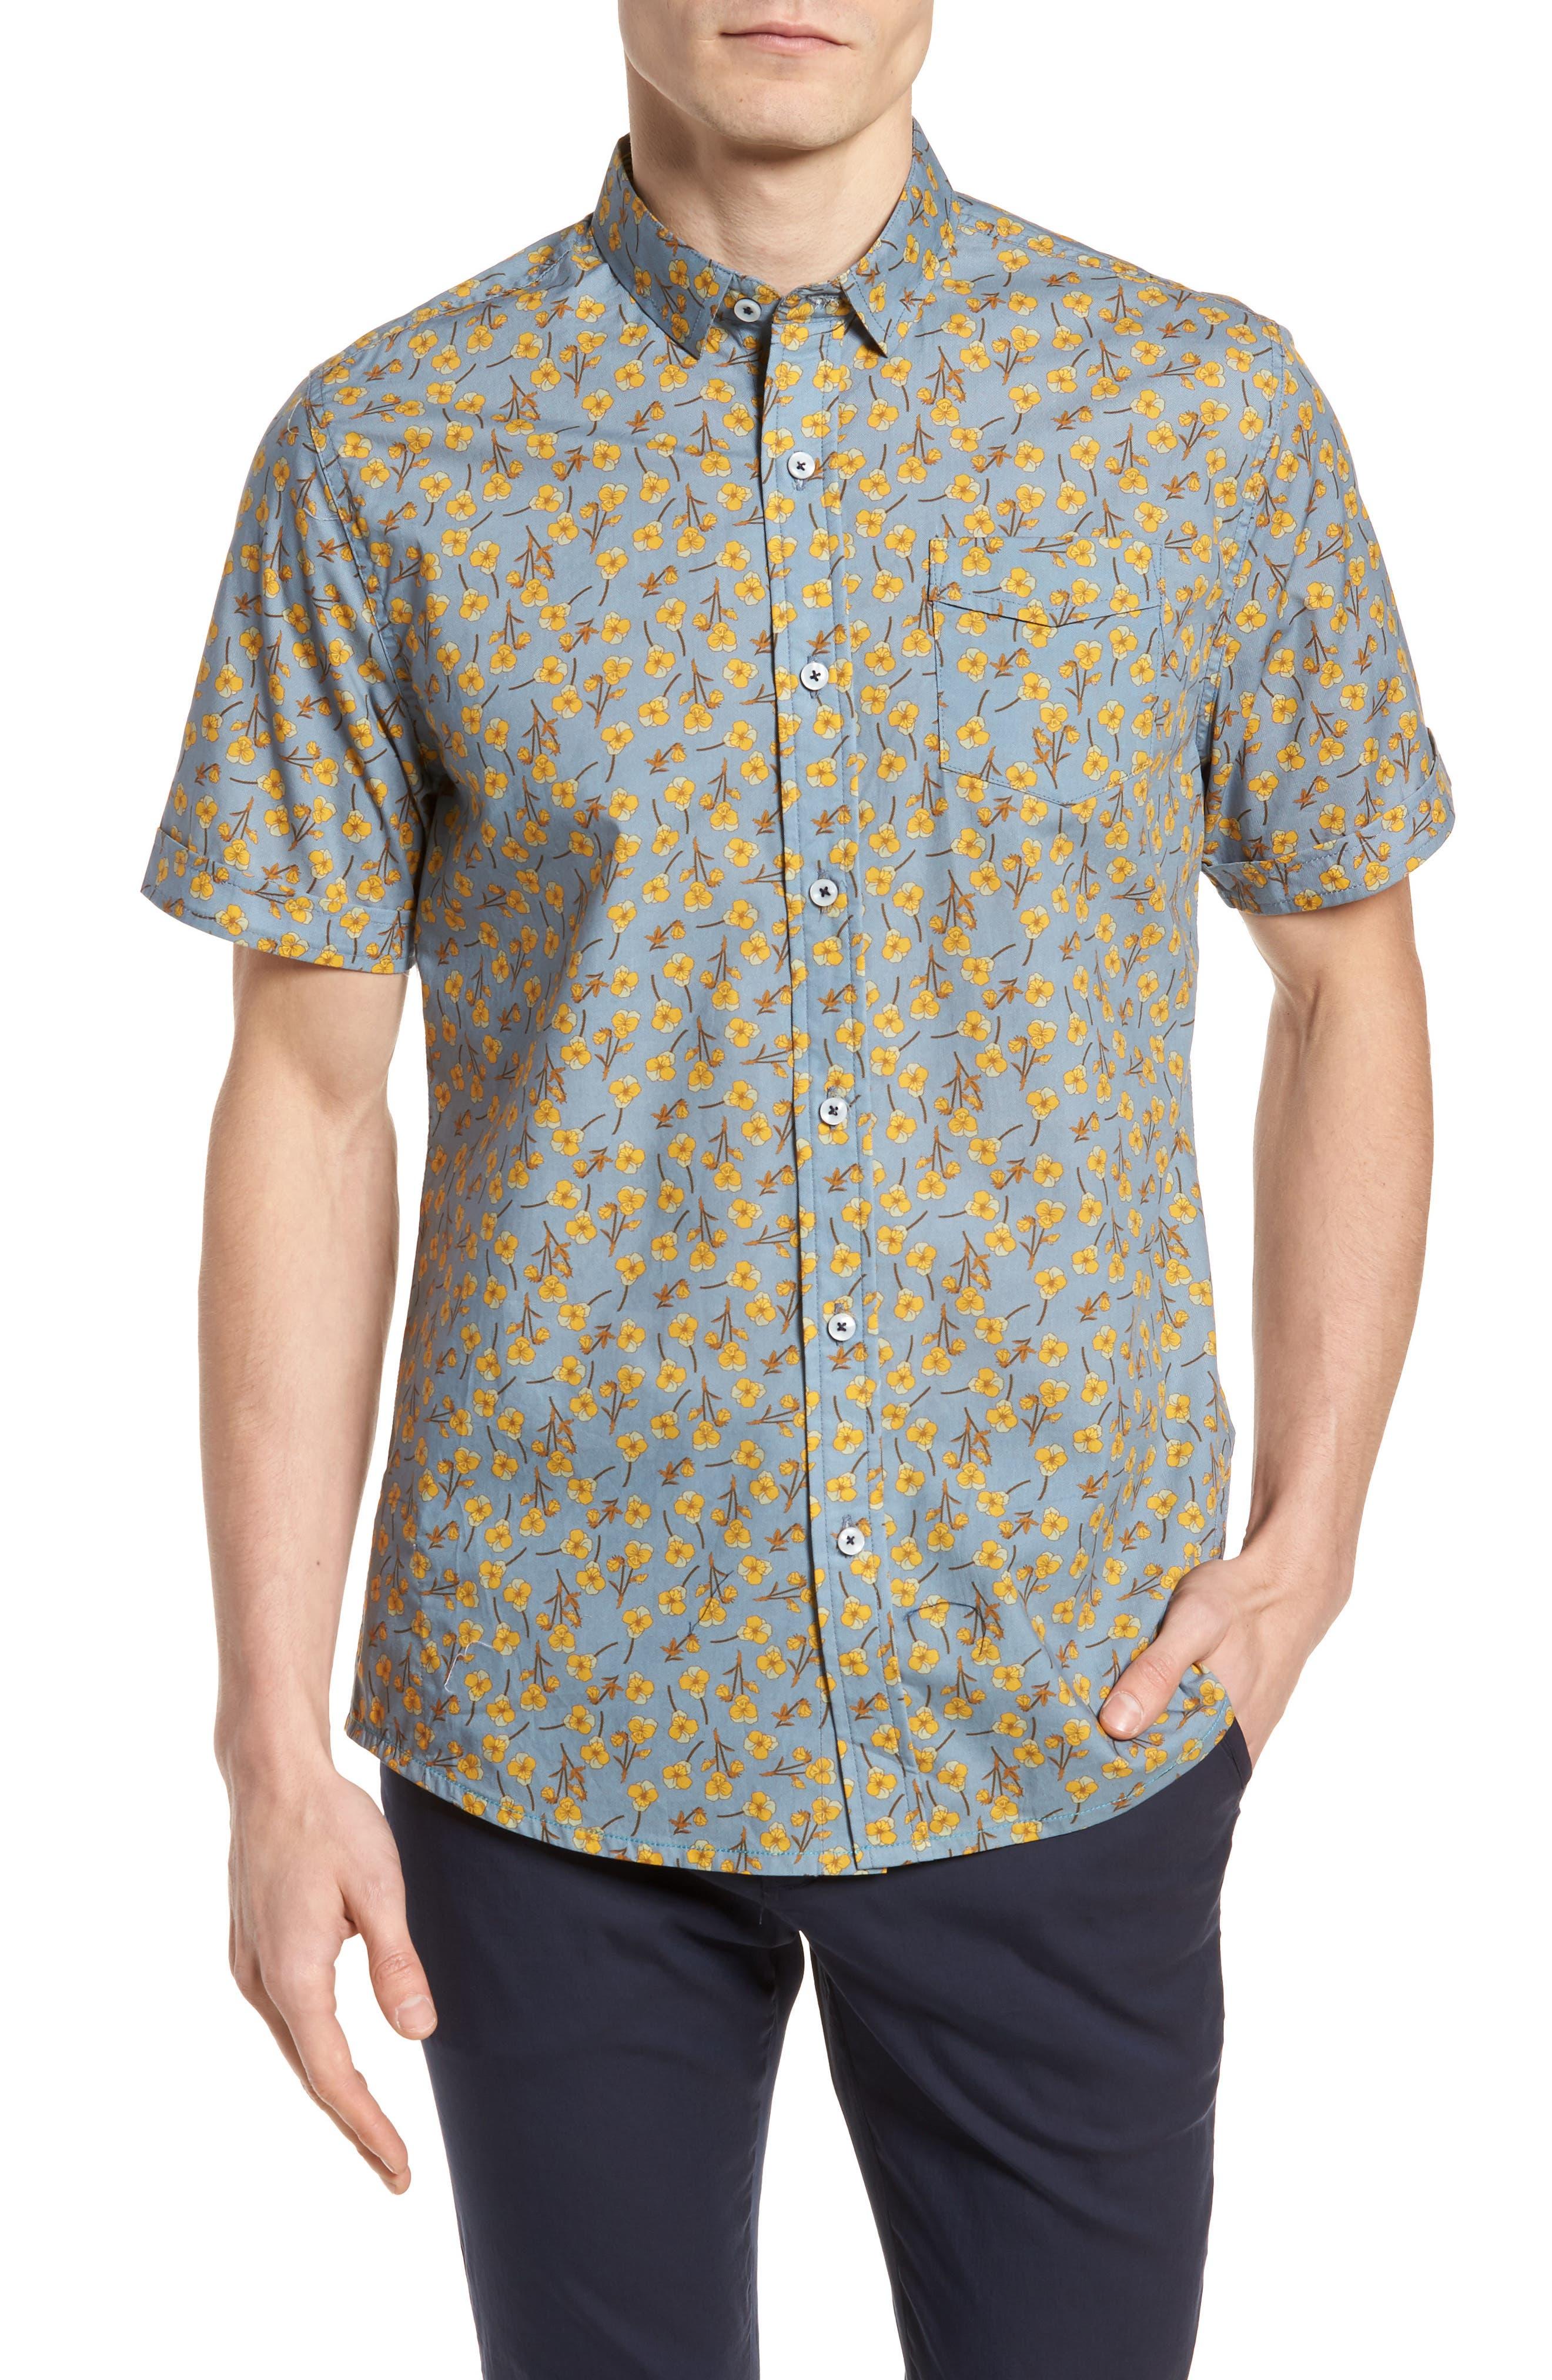 Golden Flower Shirt,                         Main,                         color, Gold